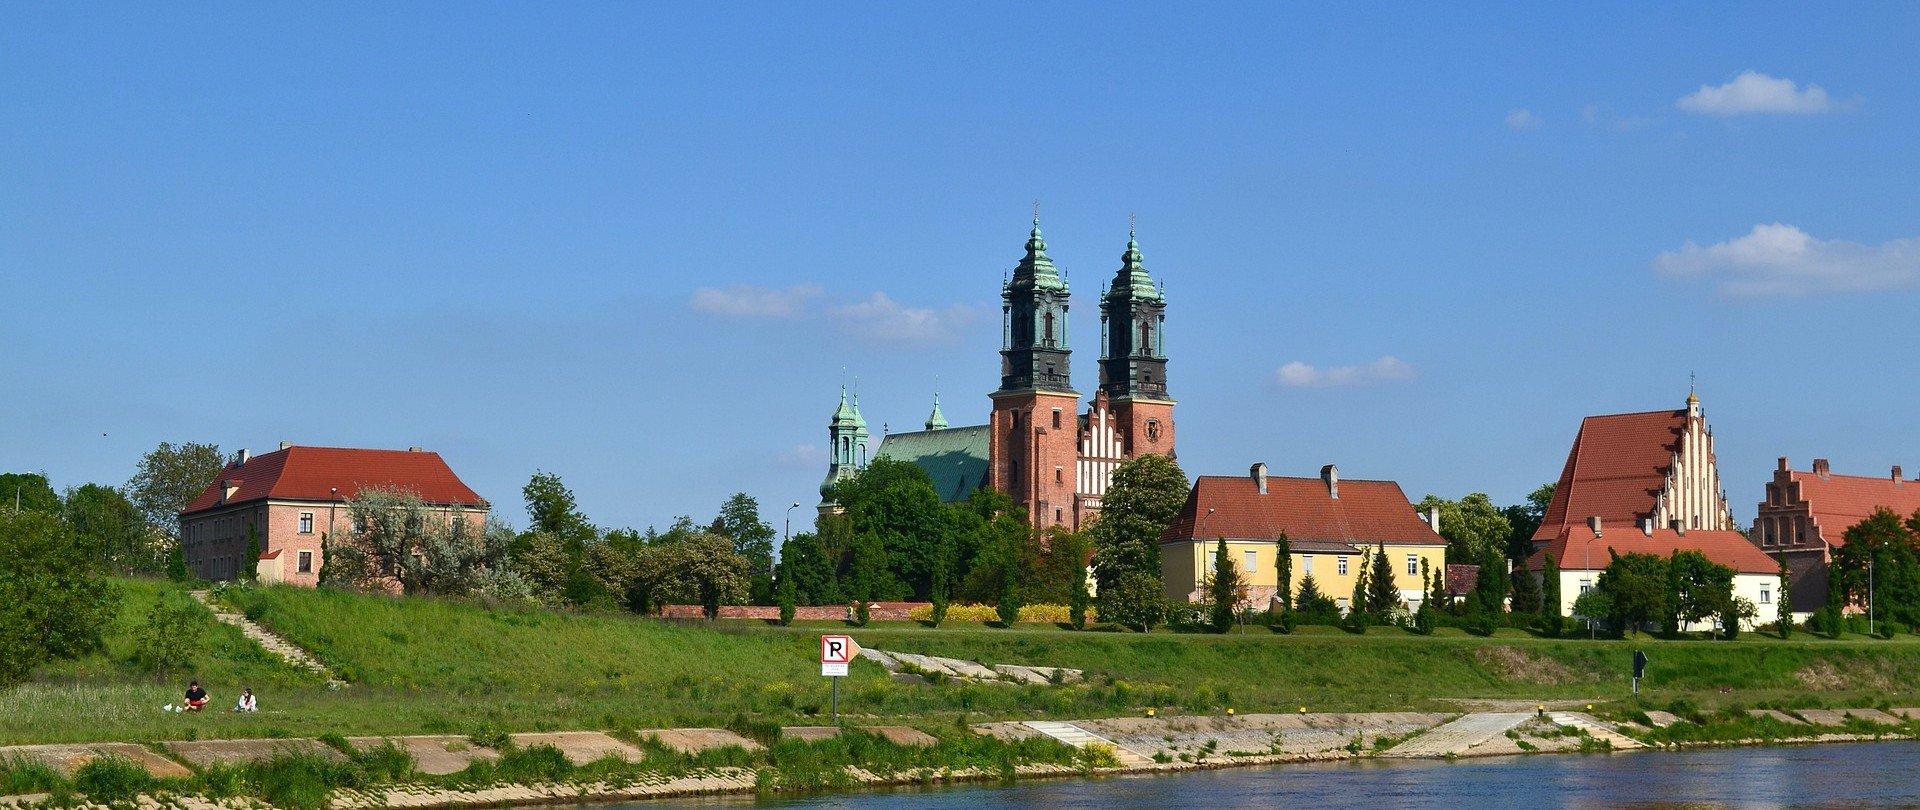 Gdzie na spacer w Poznaniu? 7 najlepszych miejsc